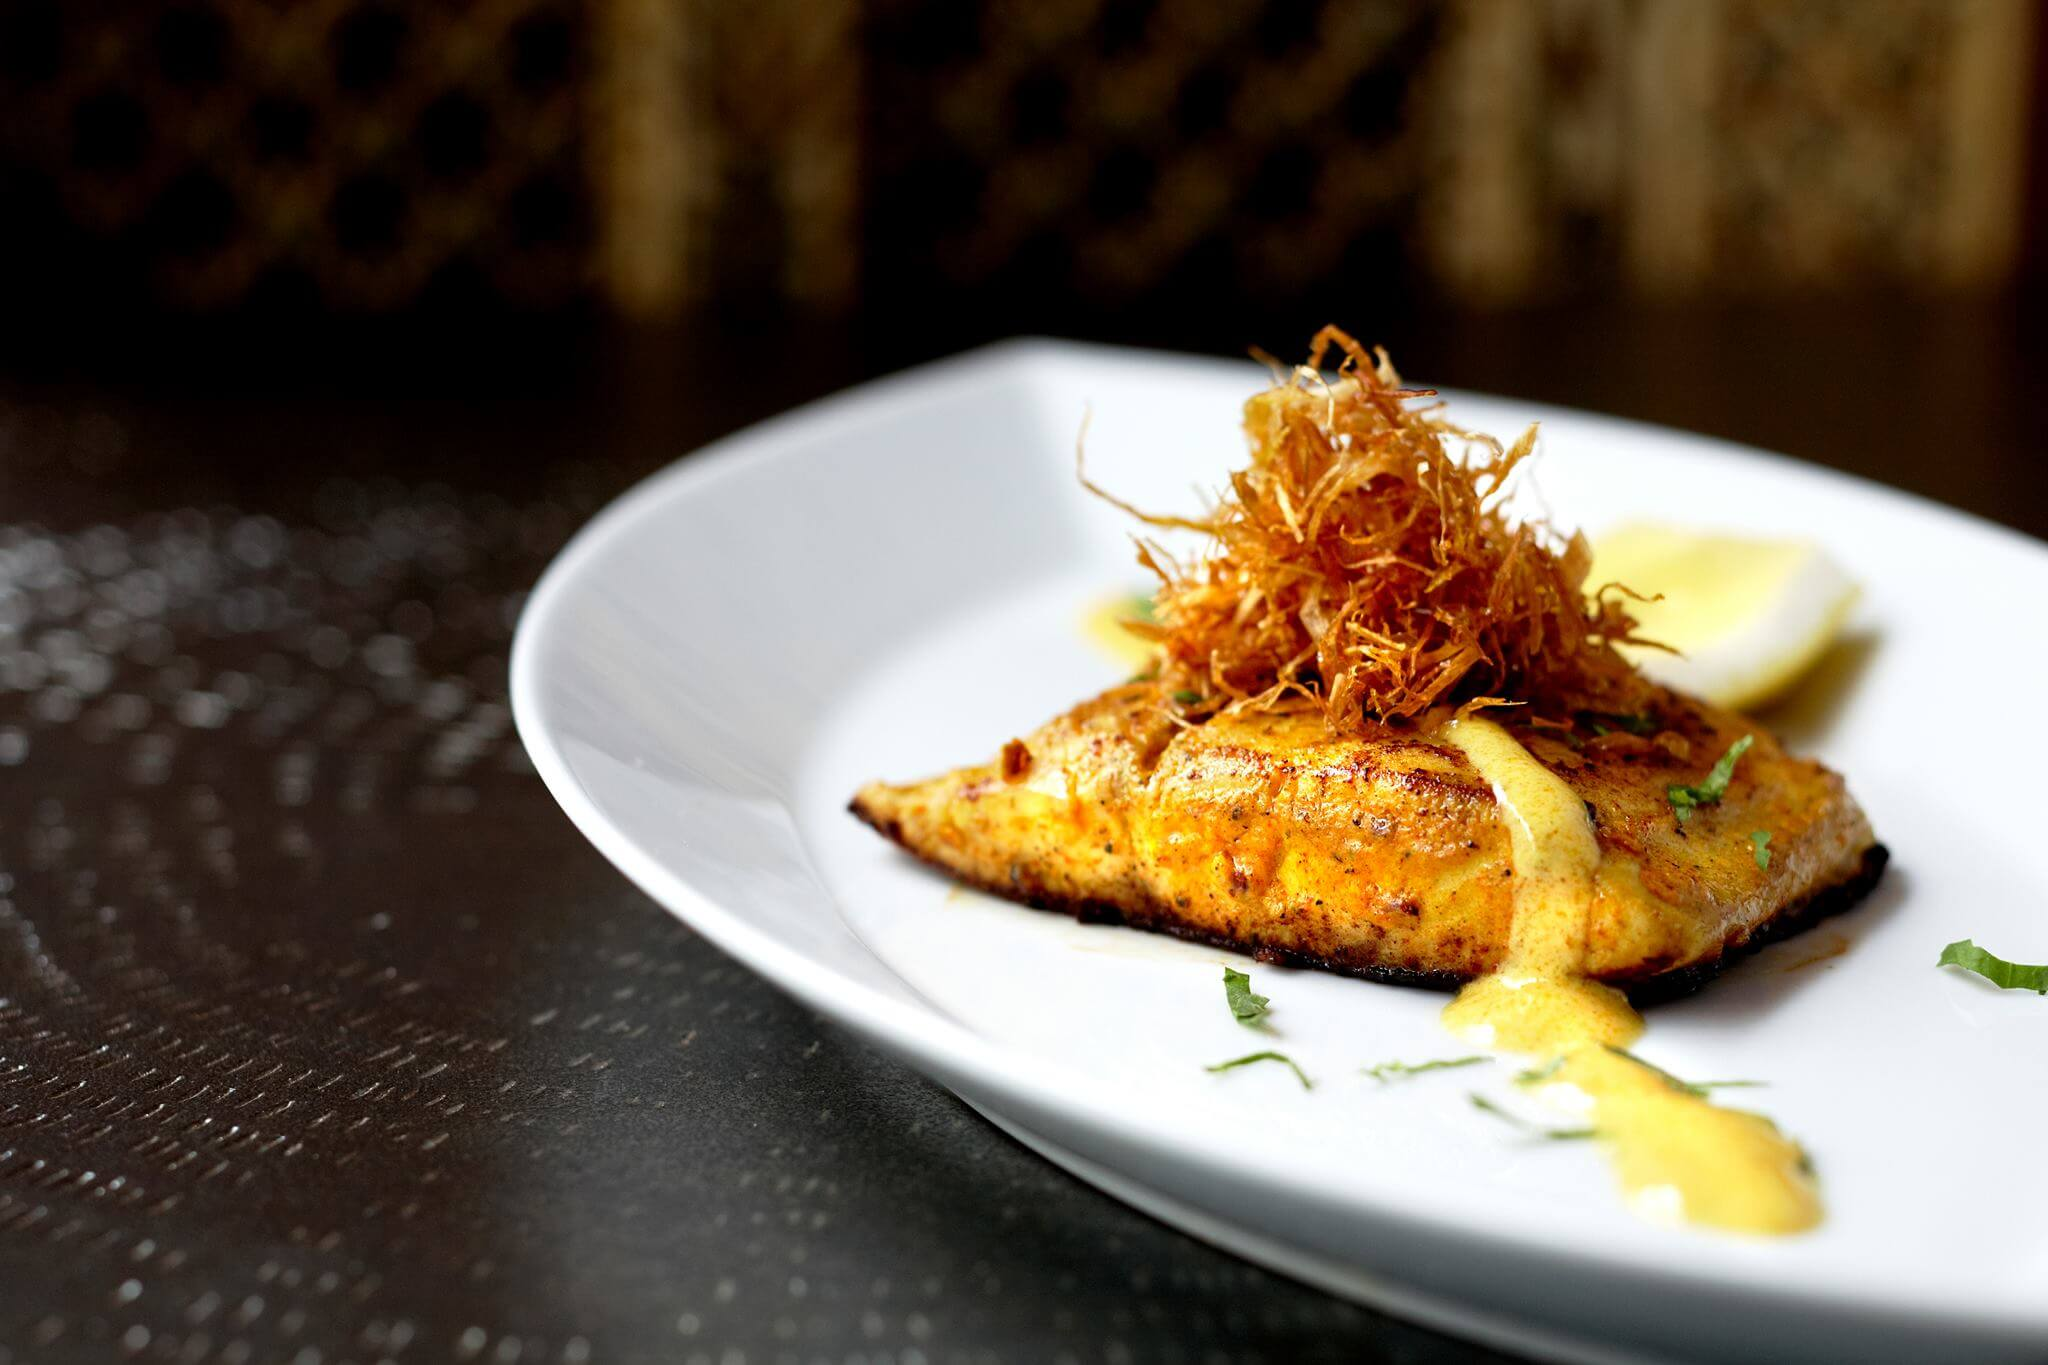 Indian tasting menus in London, tasting menus in London, tasting menus London, best value tasting menus in London, cheap tasting menus in London, indian restaurants in london, indian restaurant london, indian food london, indian food in london, top indian restaurants in london, london indian restaurant, best indian restaurants in london, london indian restaurants, best indian restaurant in london, best indian restaurant london, best indian restaurants london, london indian food, indian buffet london, best indian food london, best indian food in london, top indian restaurants london, london best indian restaurants, indian buffet in london, the best indian restaurant in london, indian cuisine in london…